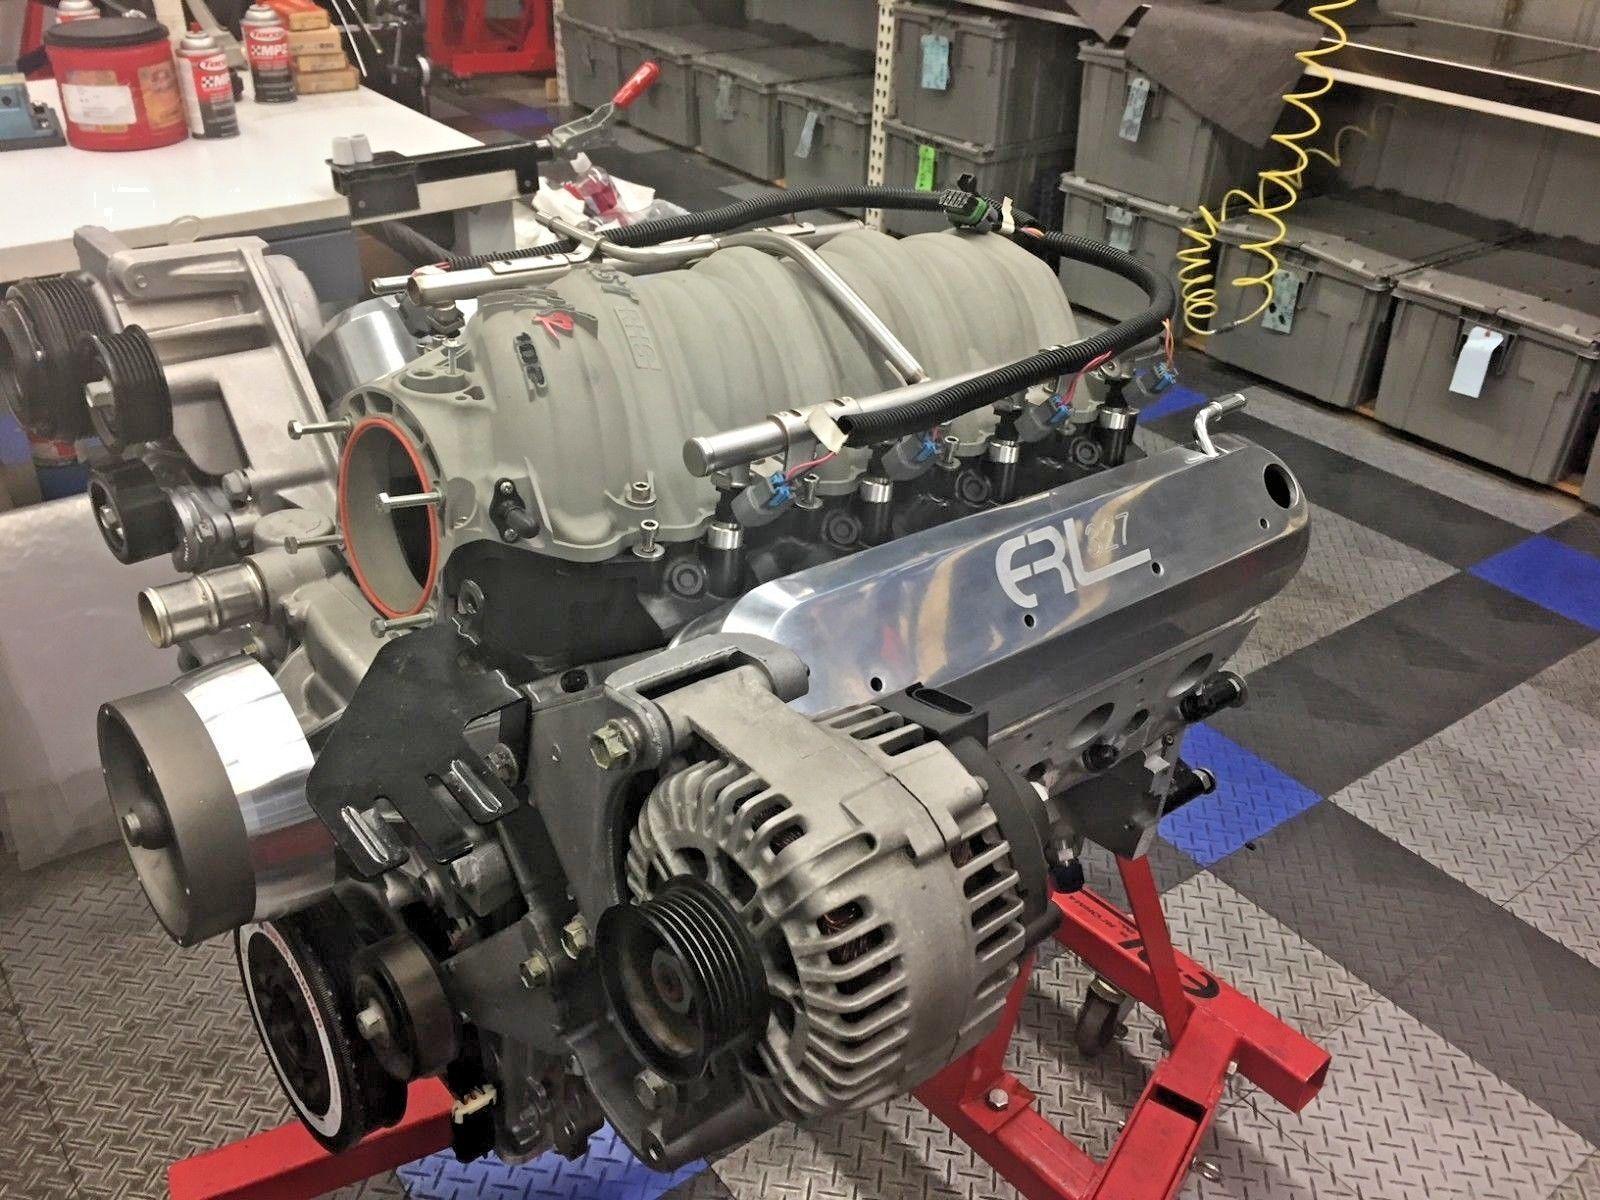 2006 Chevrolet Corvette engine